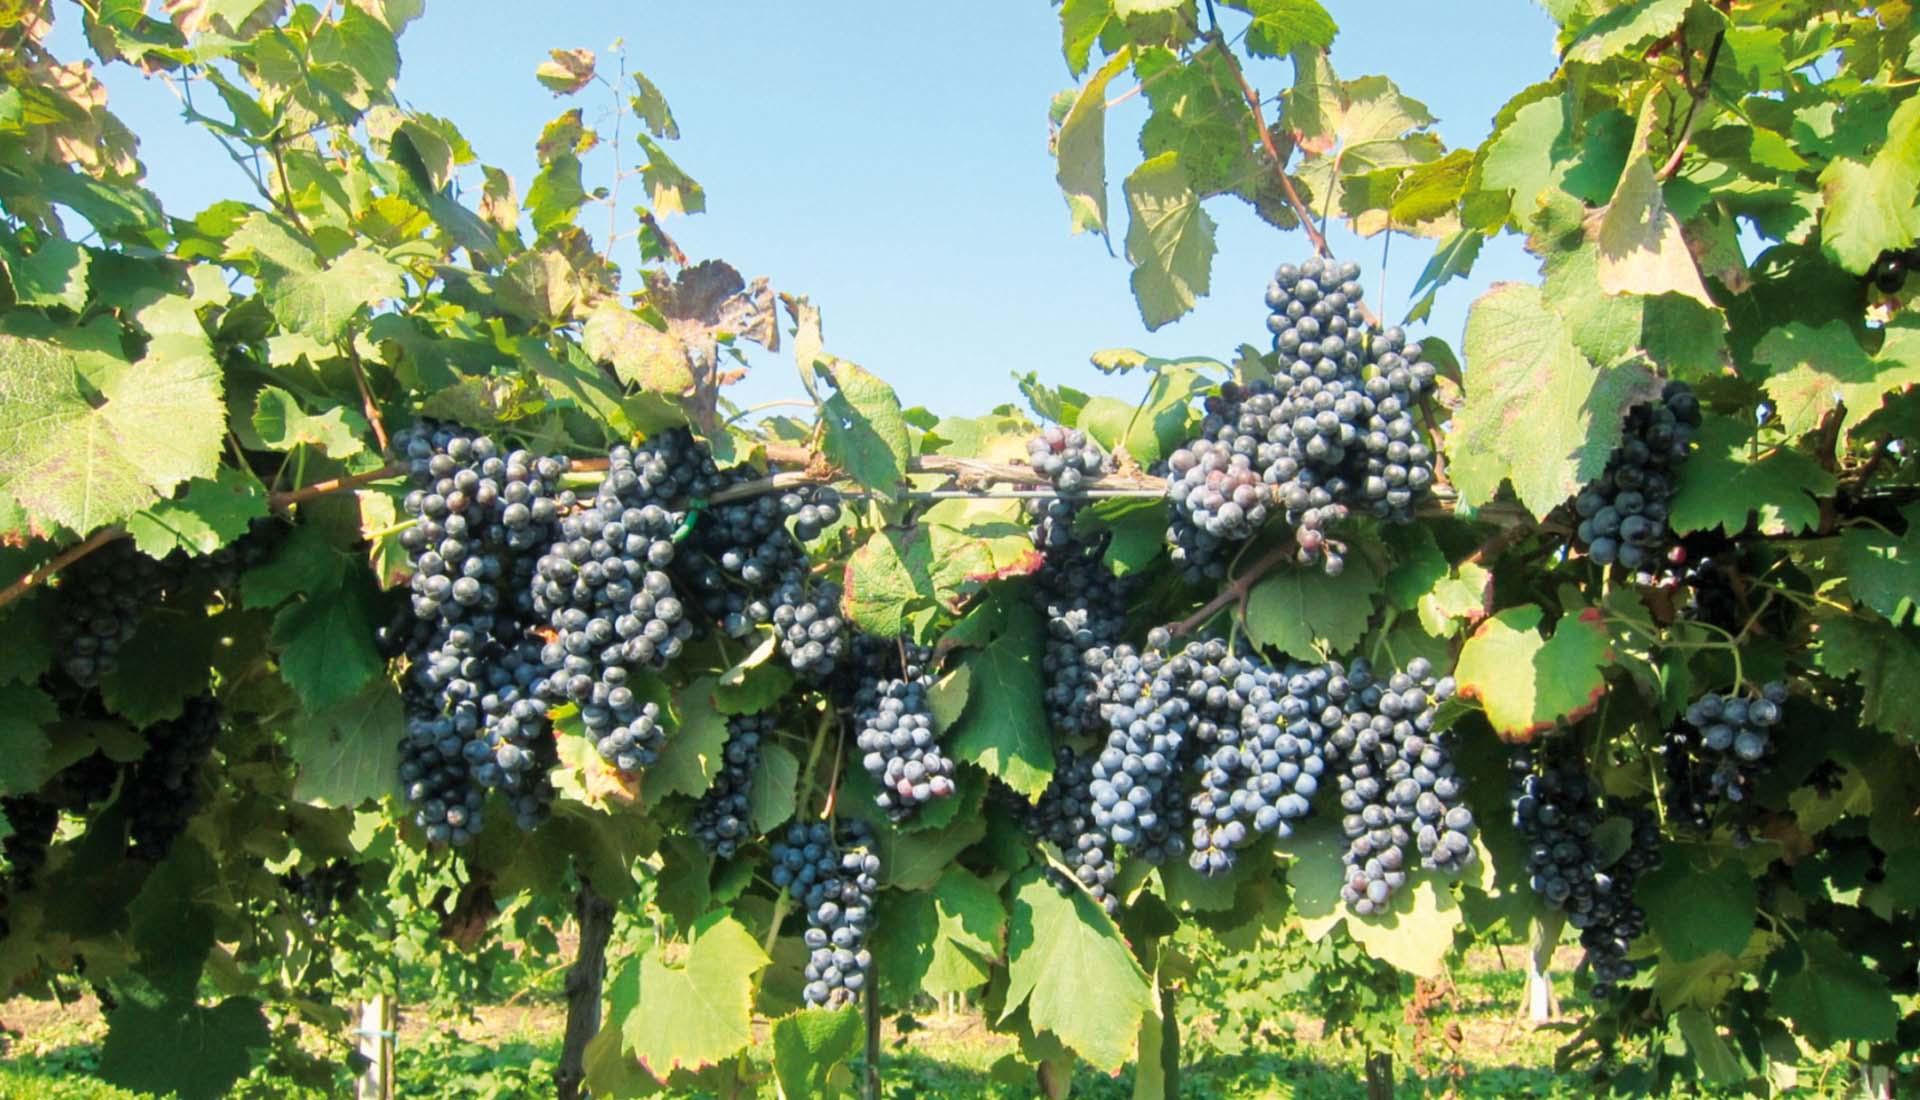 Uva trattata con concimi organici e fertilizzanti naturali